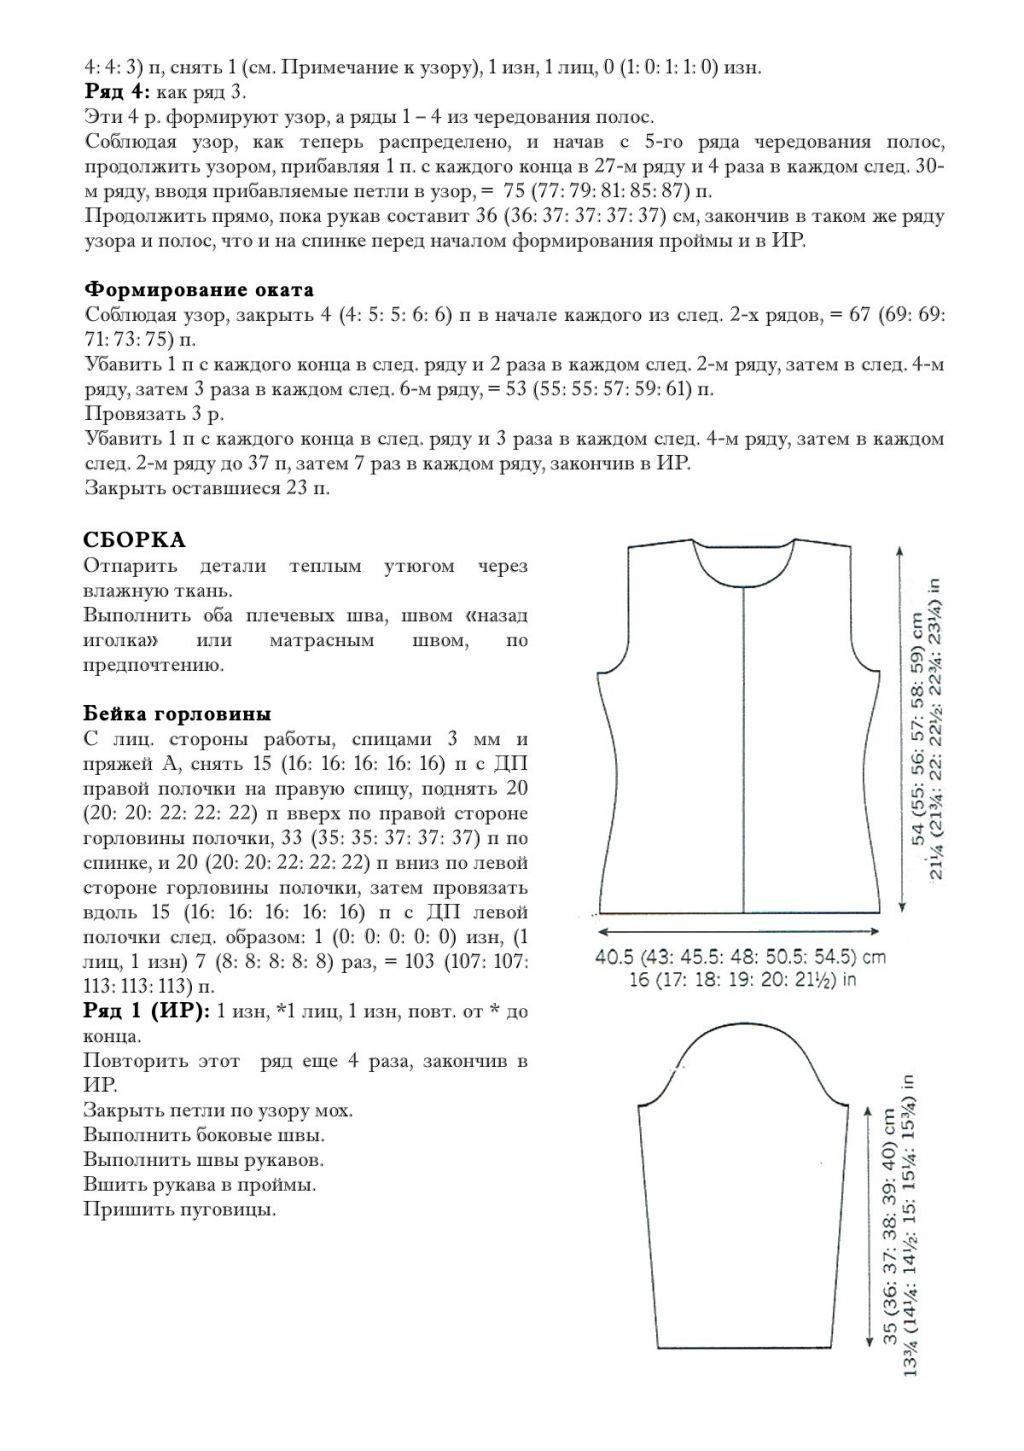 vz6c97o1CP8